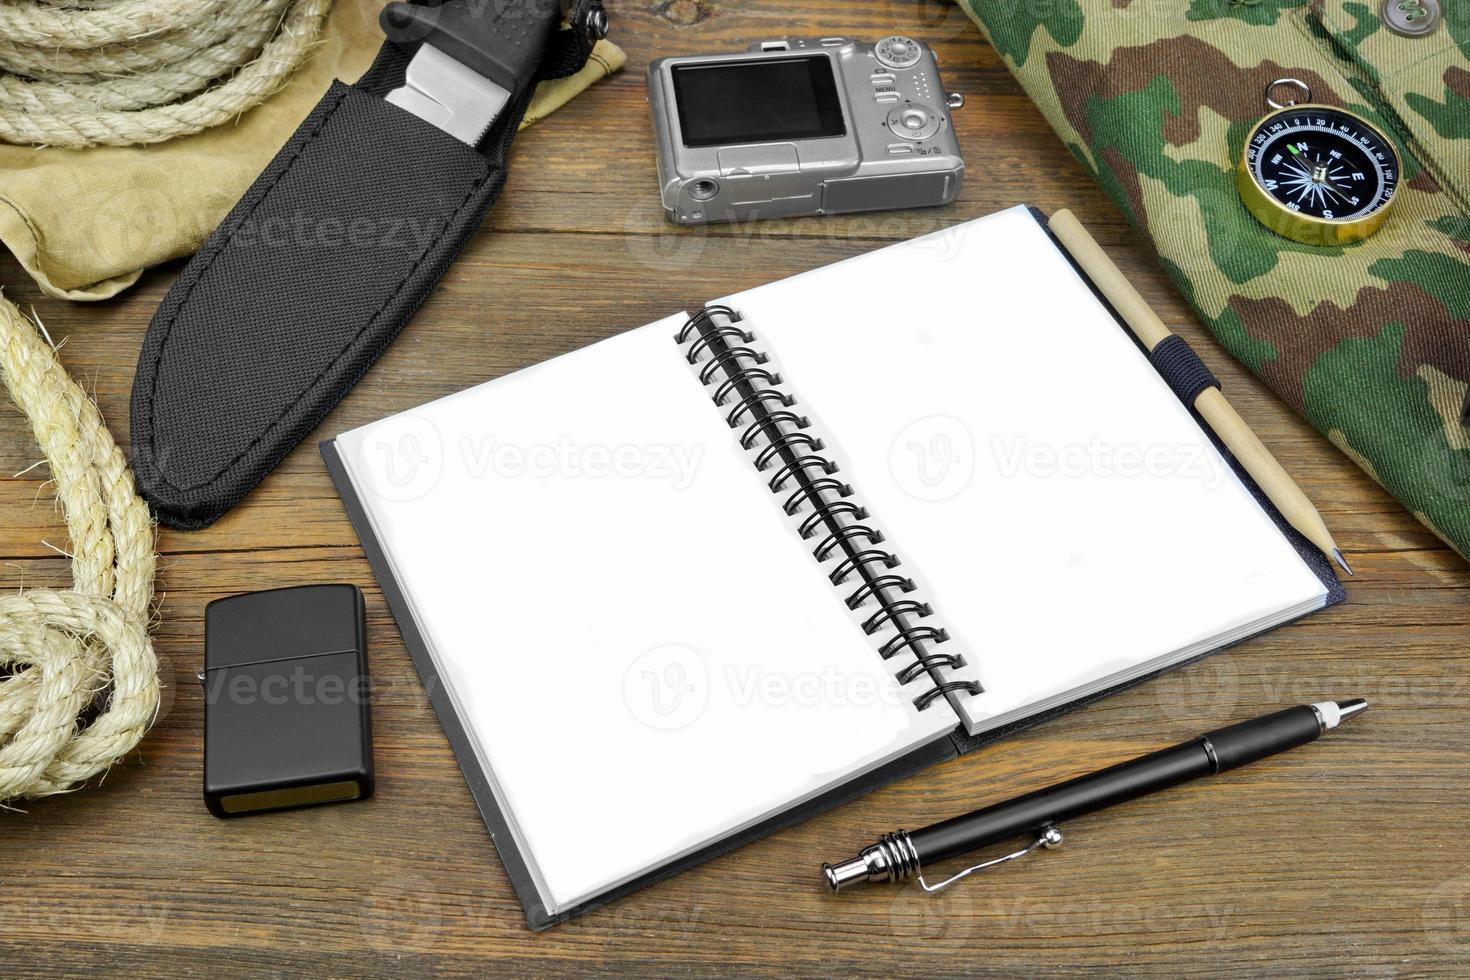 préparer le voyage. cahier ouvert, appareil photo, corde, boussole, stylo, photo